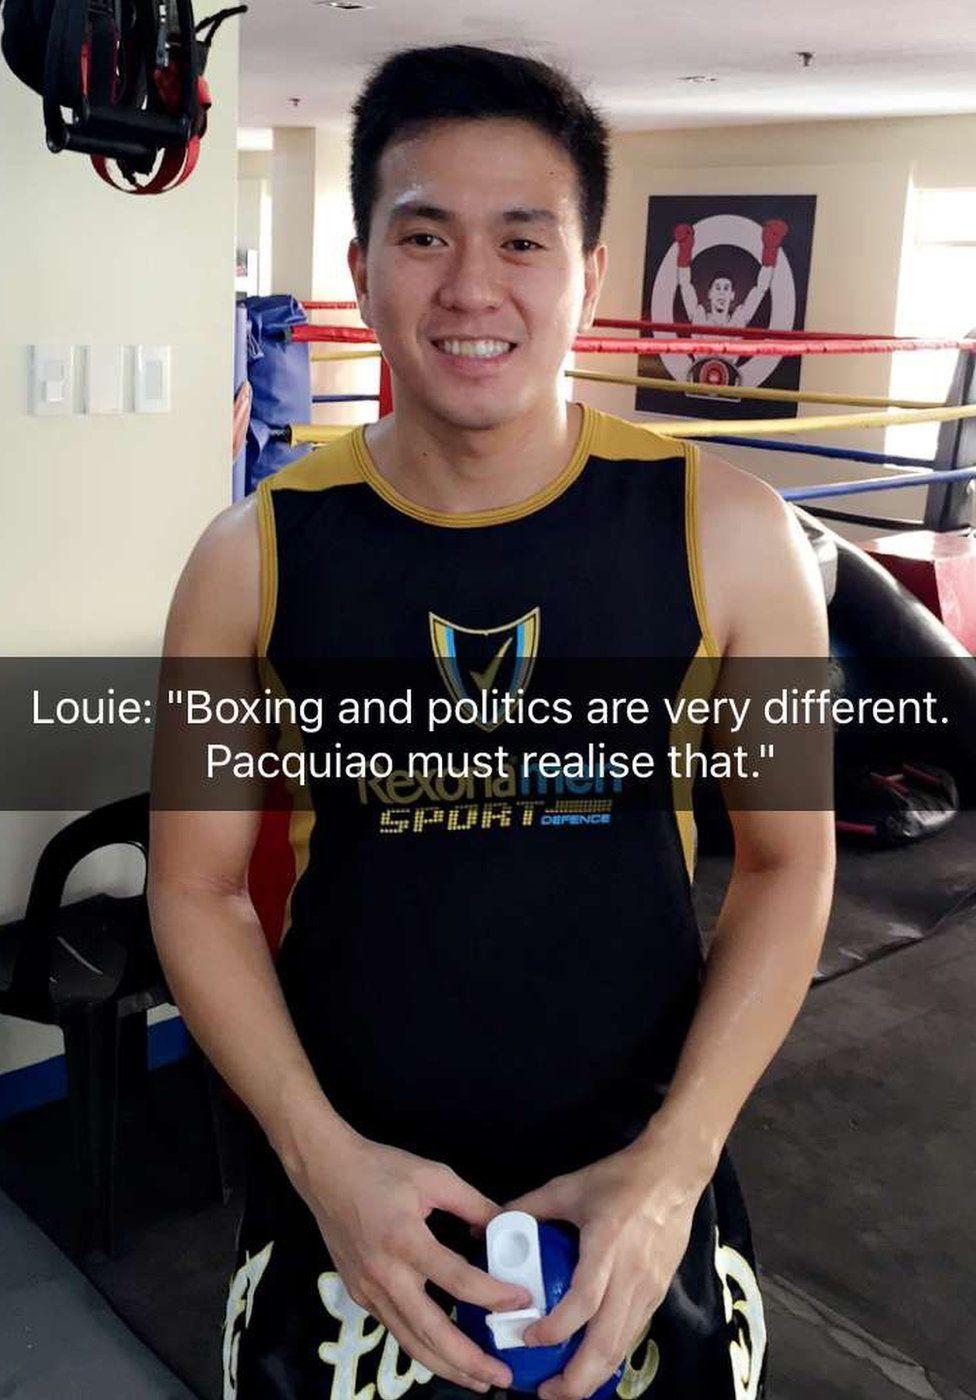 Louie boxer